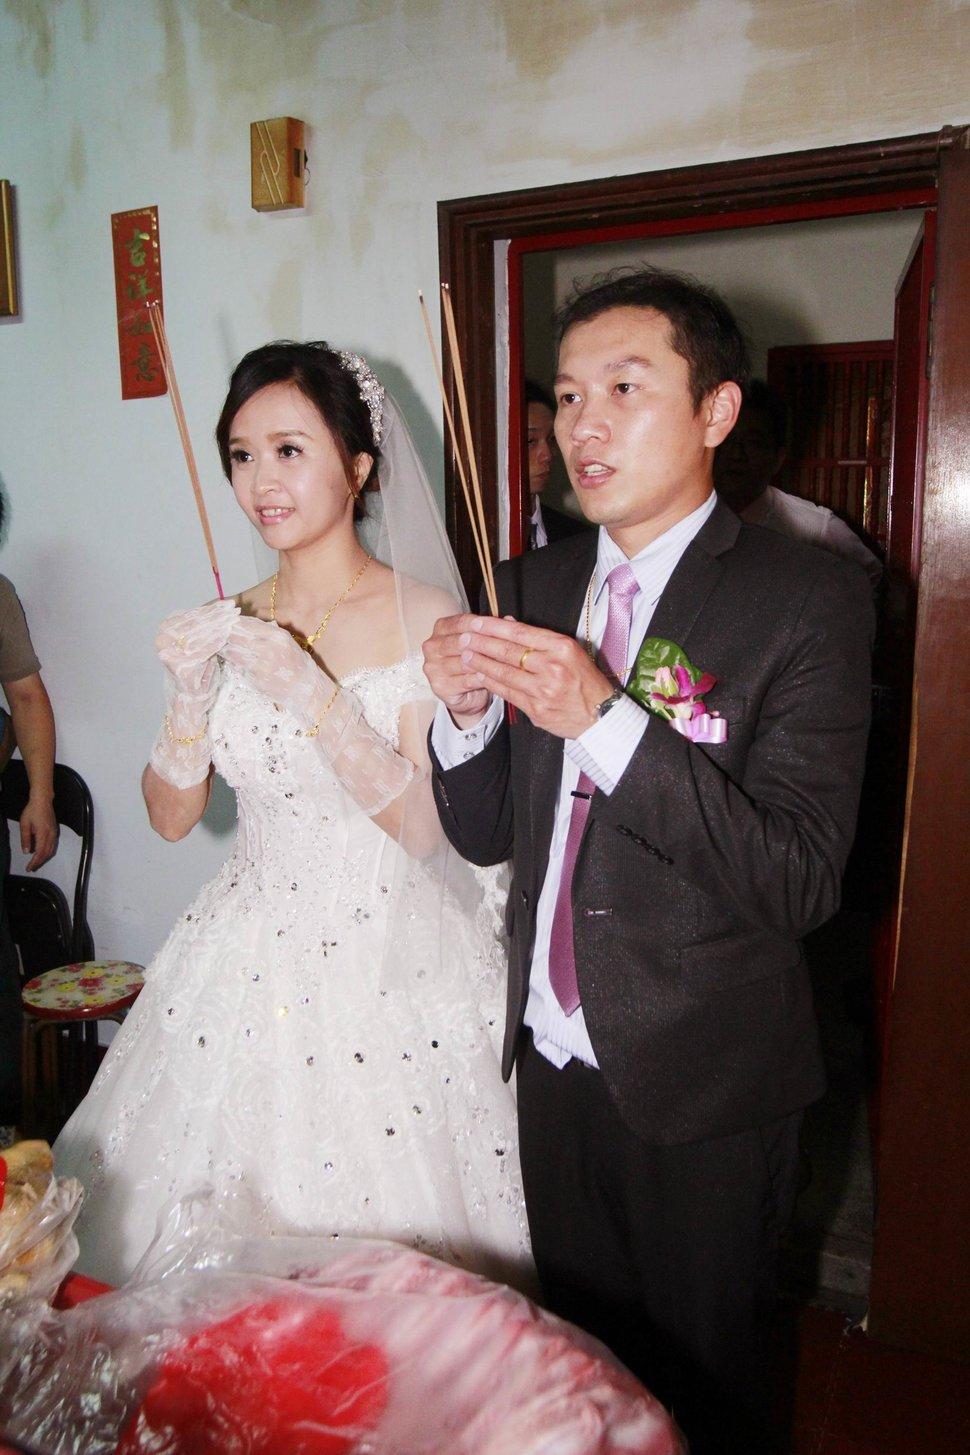 永和易牙居婚宴廣場宴會廳婚婚禮記錄結婚迎娶婚禮記錄動態微電影錄影專業錄影平面攝影婚攝婚禮(編號:213007) - 蜜月拍照10800錄影12800攝影團隊 - 結婚吧